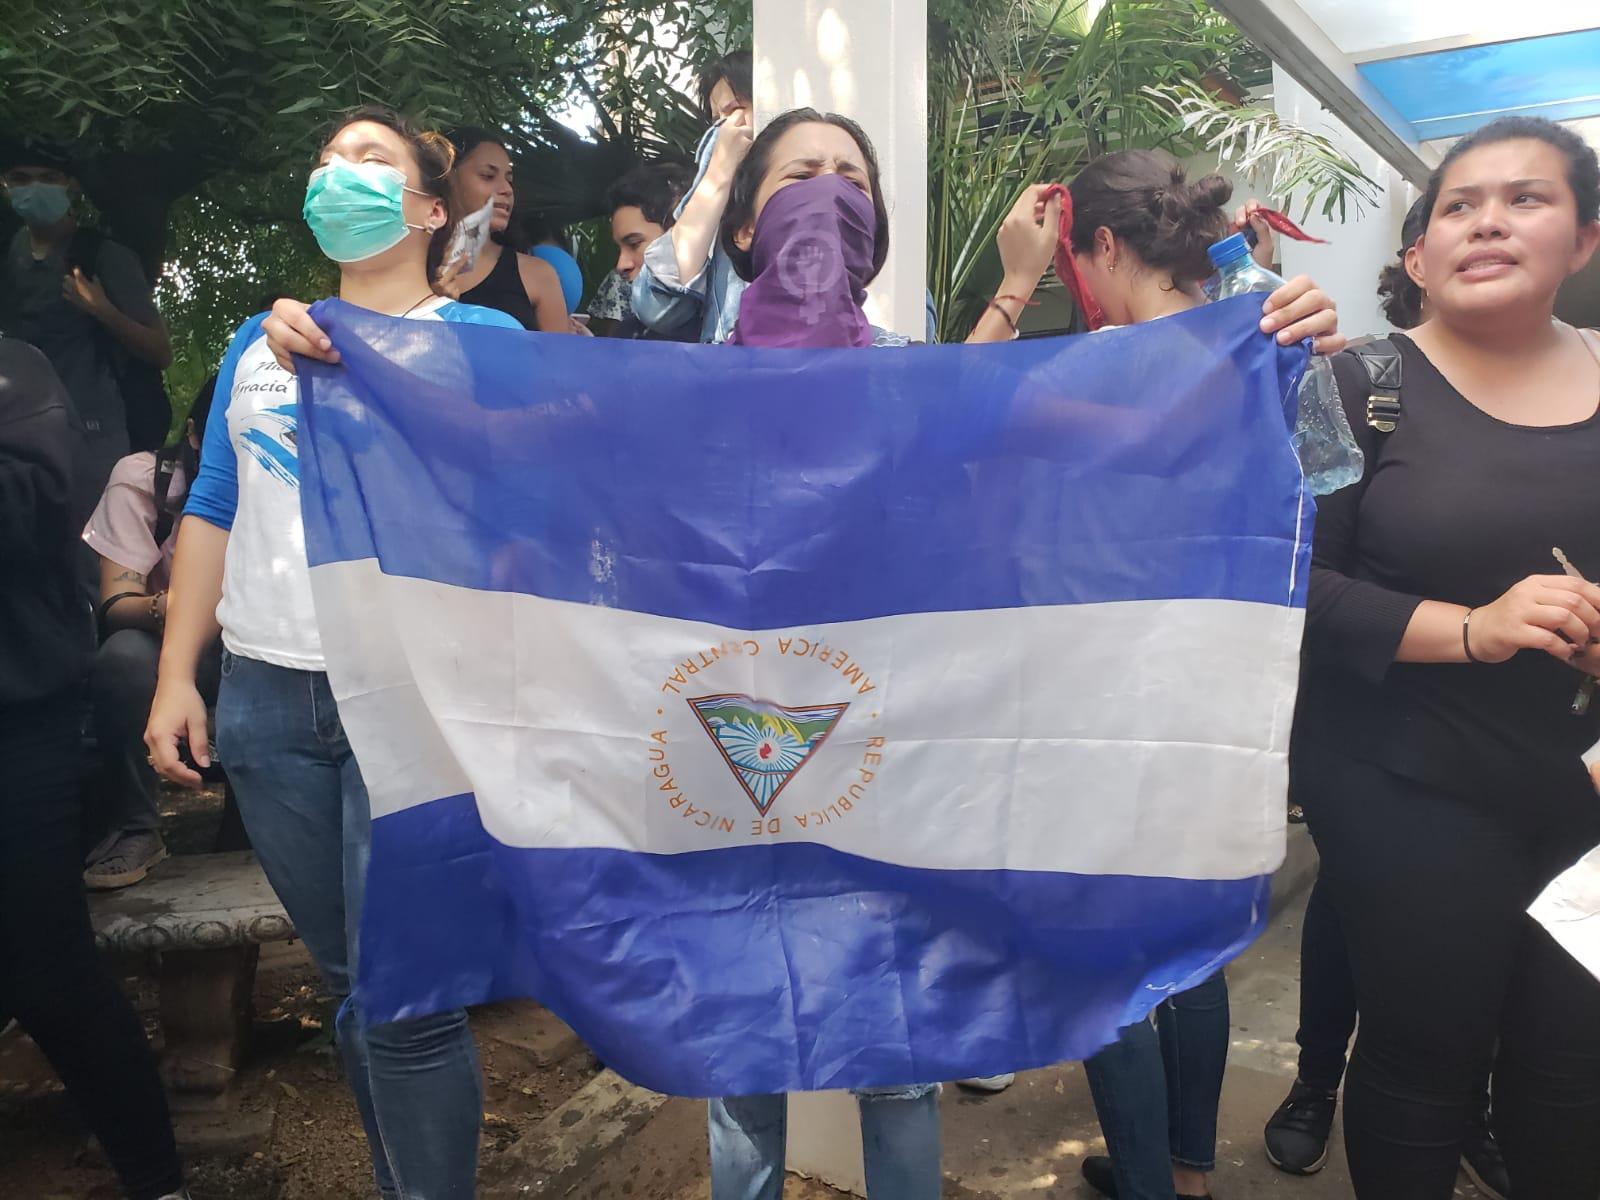 Portaban la bandera de Nicaragua con el escudo invertido. Foto: G. Shiffman / Artículo 66